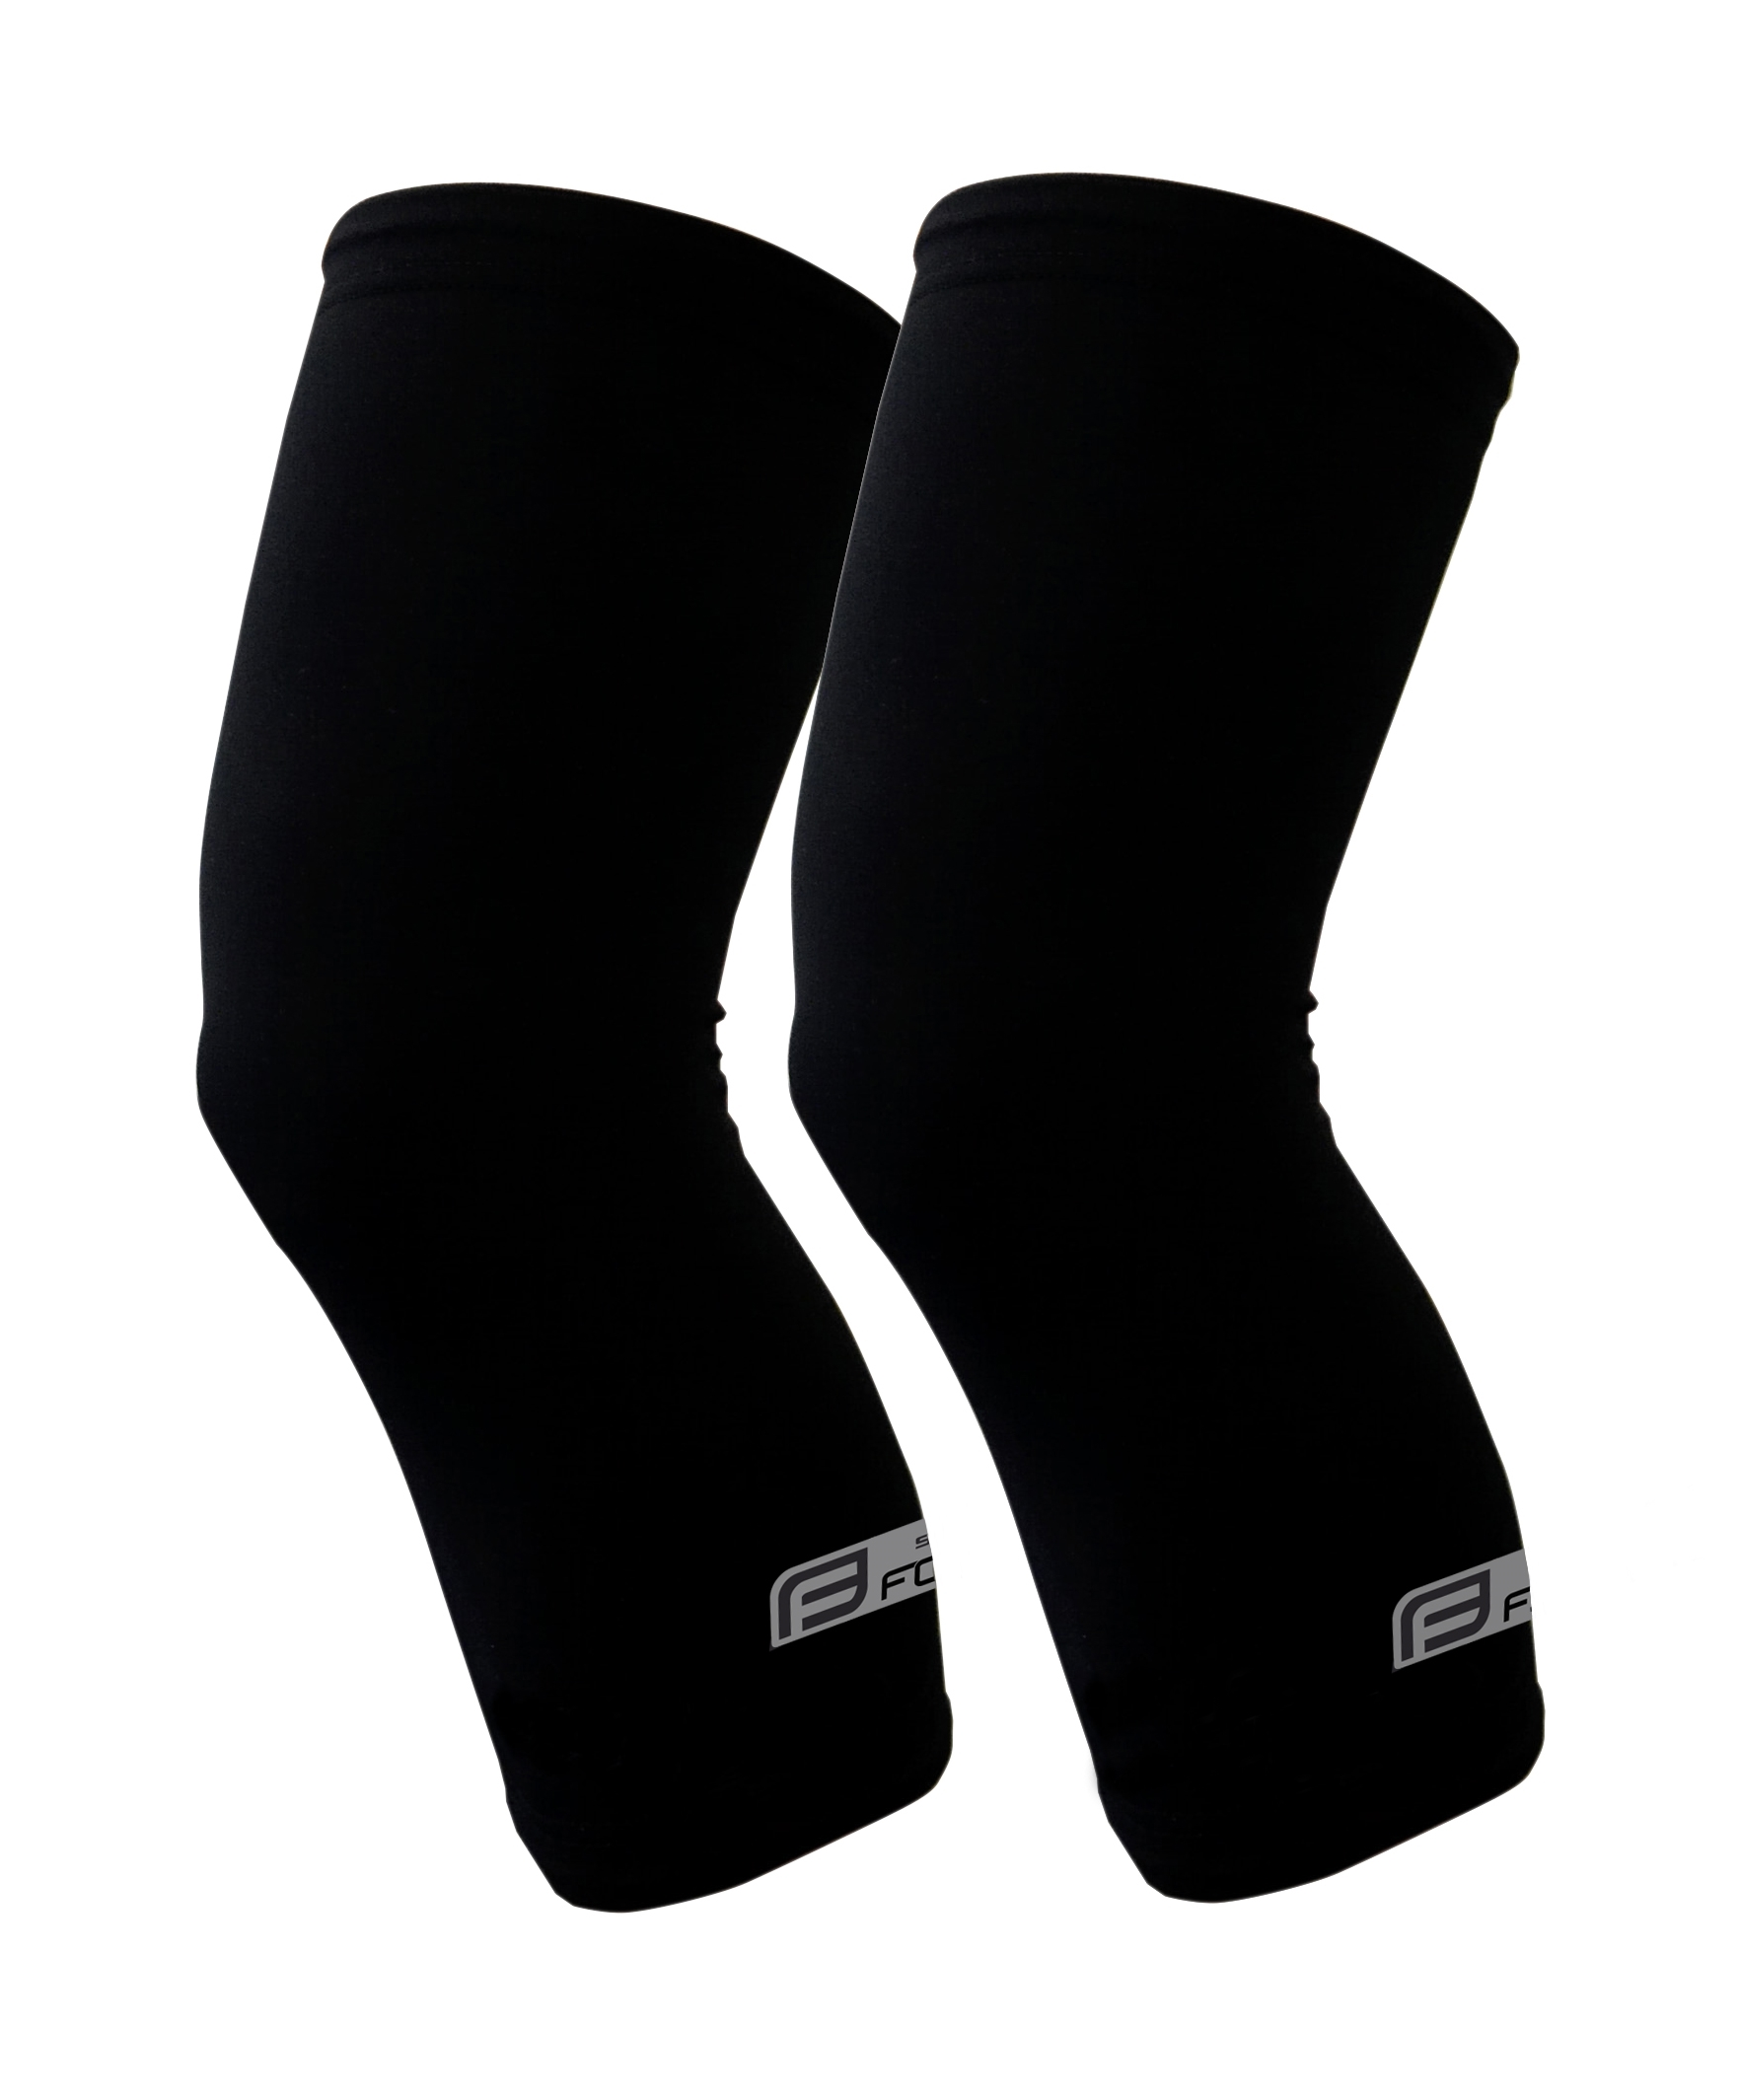 návleky na kolena FORCE RACE, lepené, černé XL